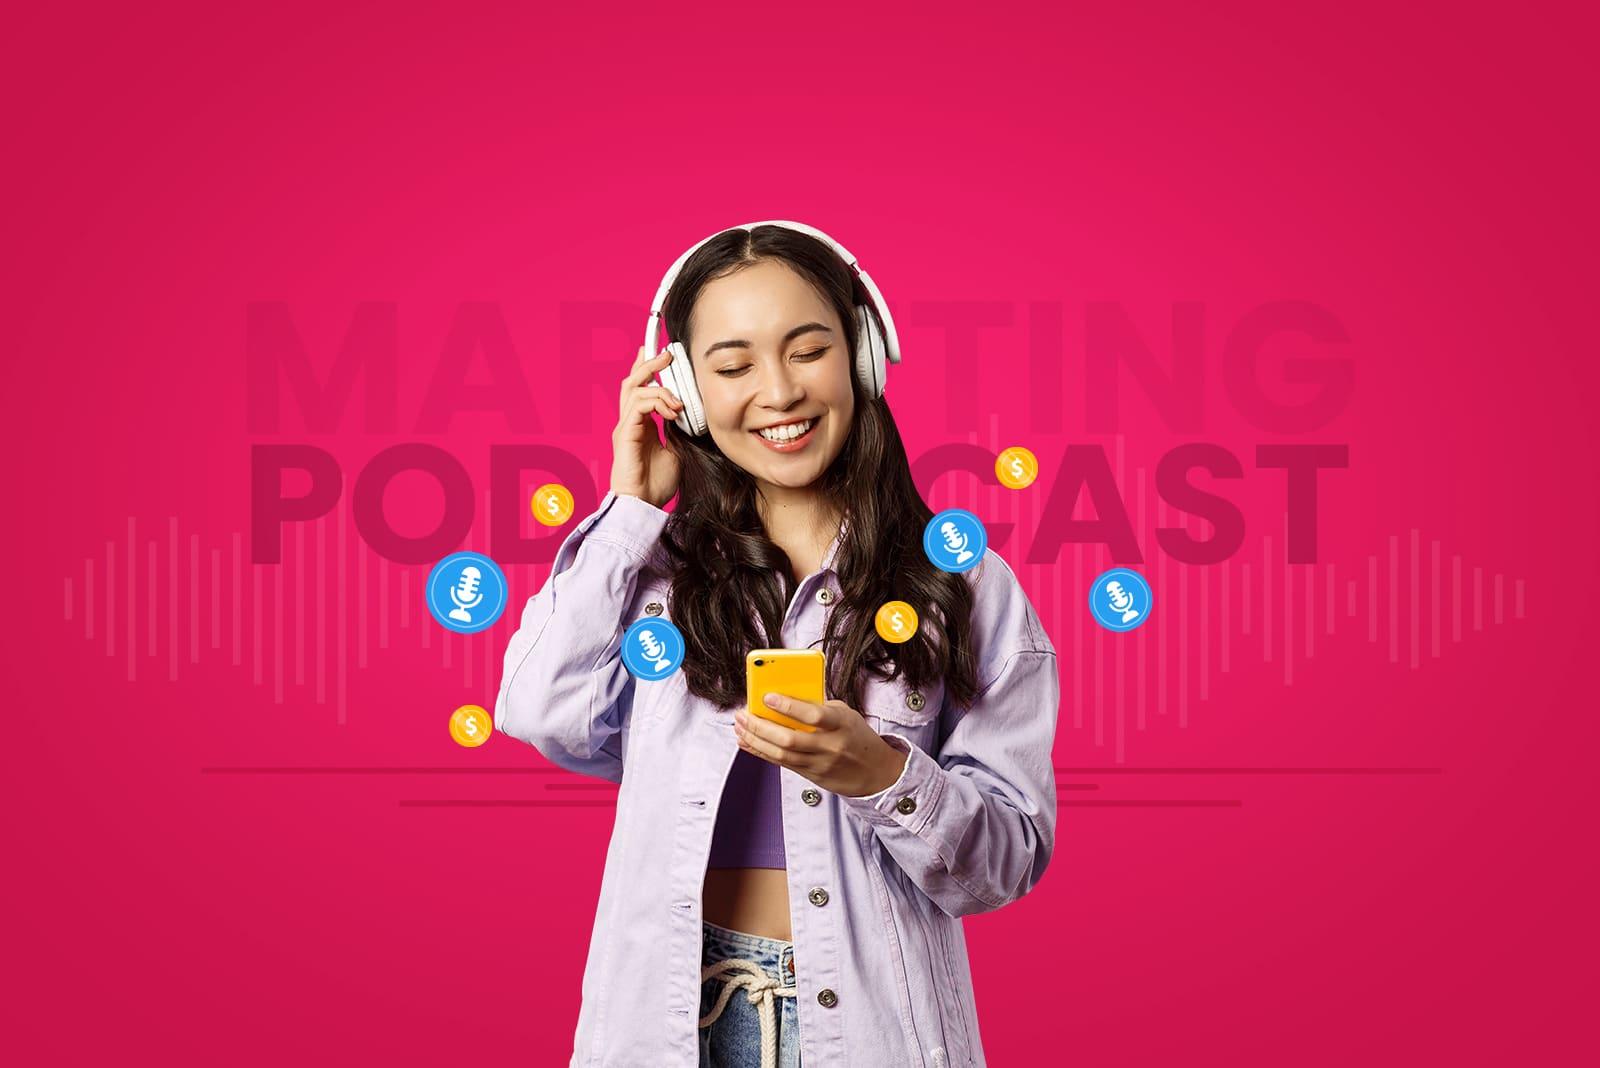 imagem-representando-marketing-para-podcast